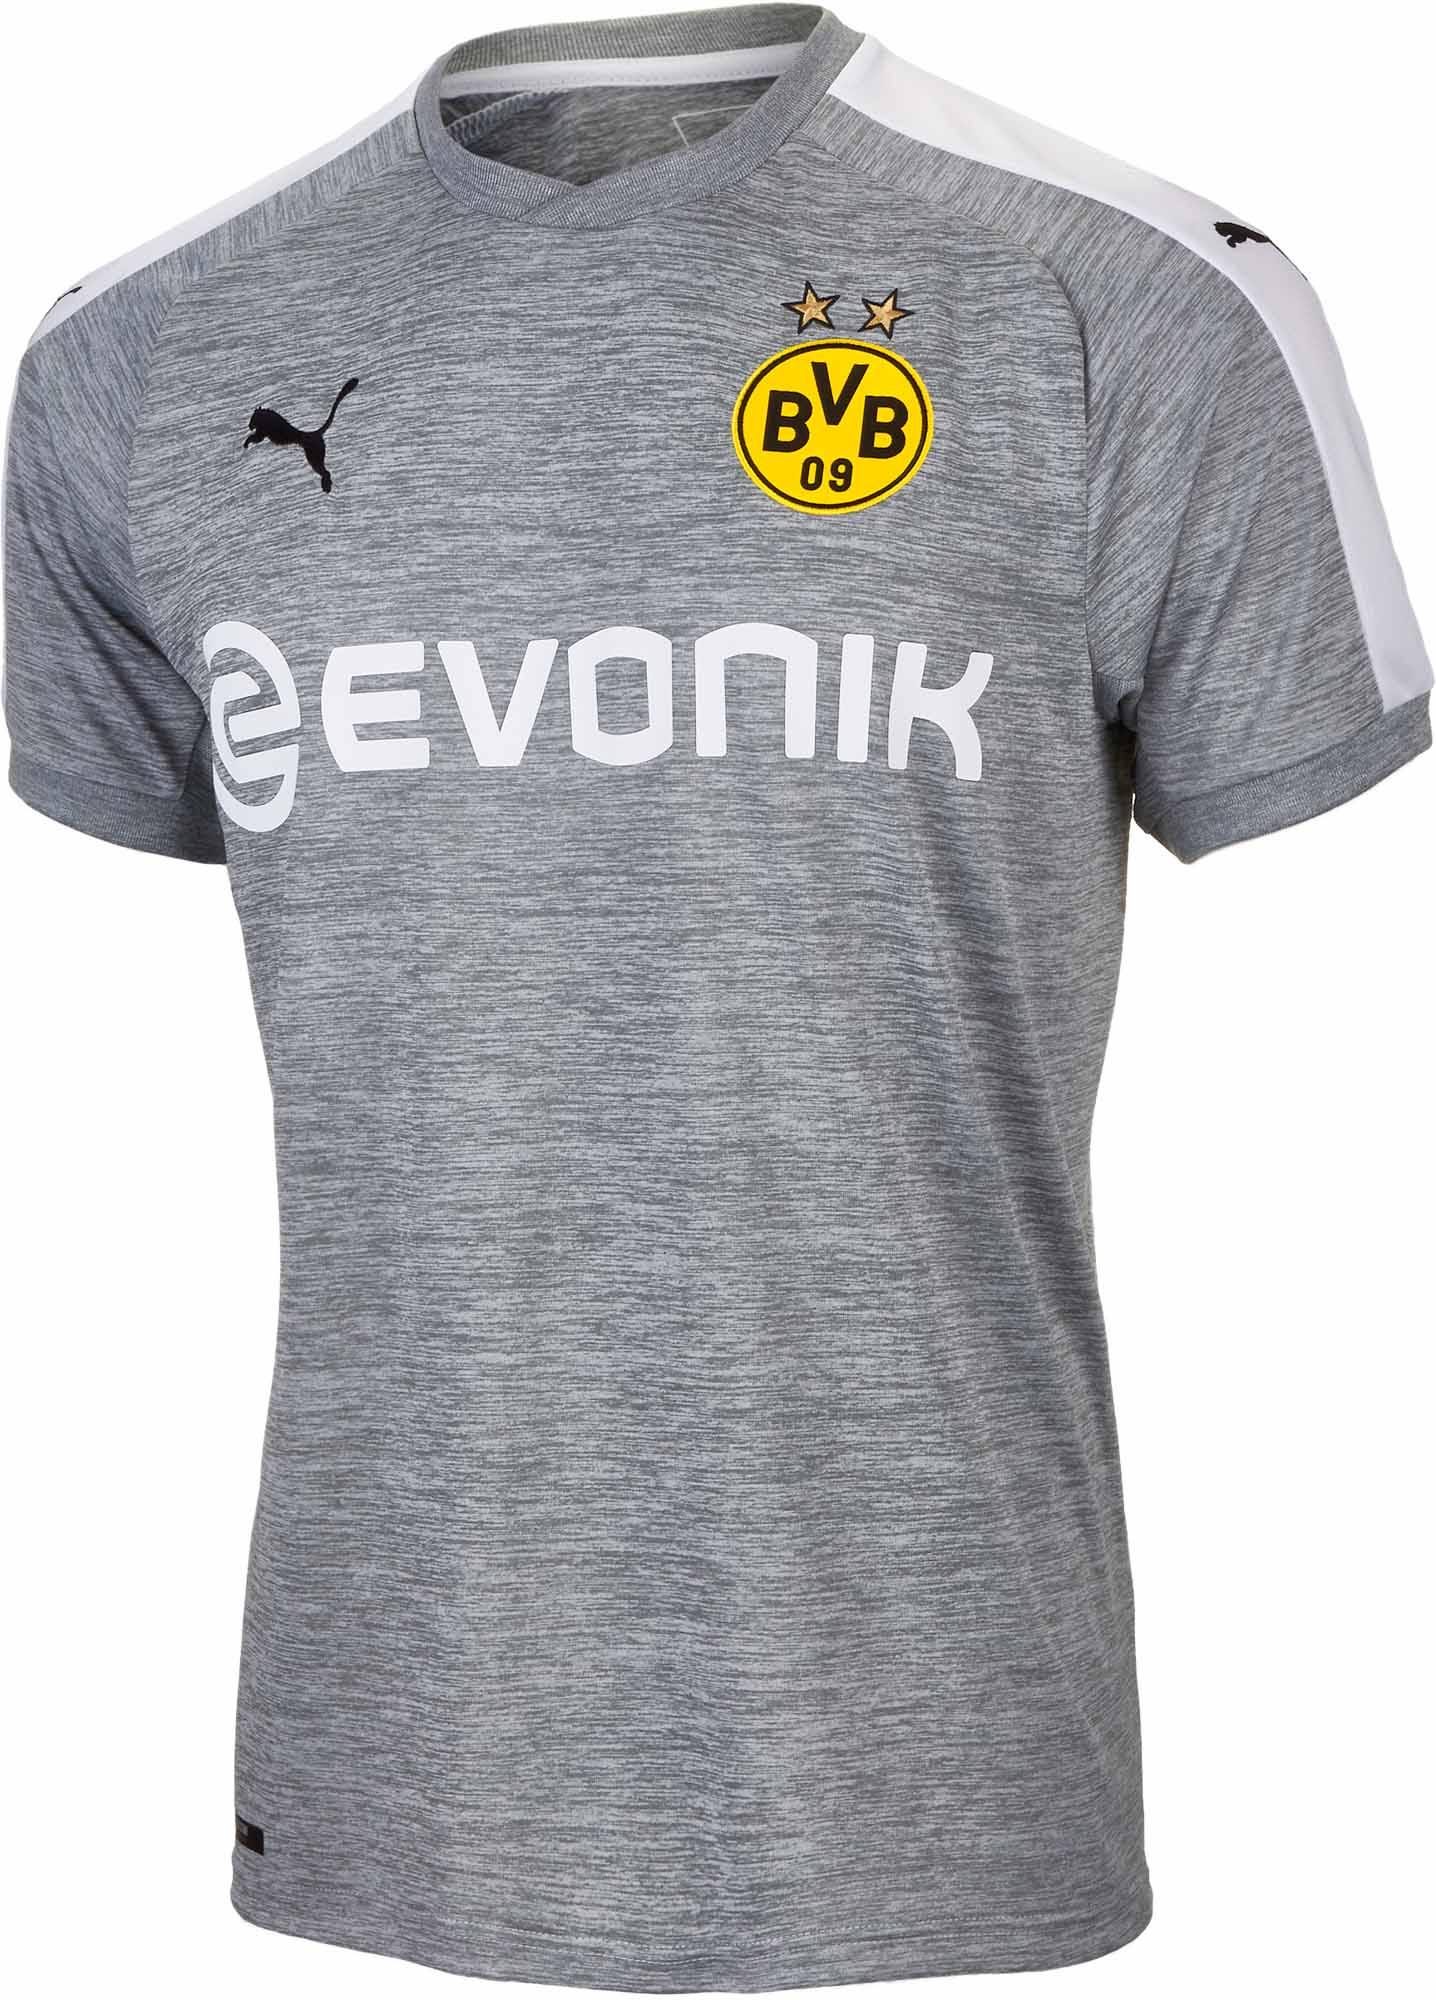 new concept ea602 1d896 2017/18 Puma Borussia Dortmund 3rd Jersey - BVB Jersey